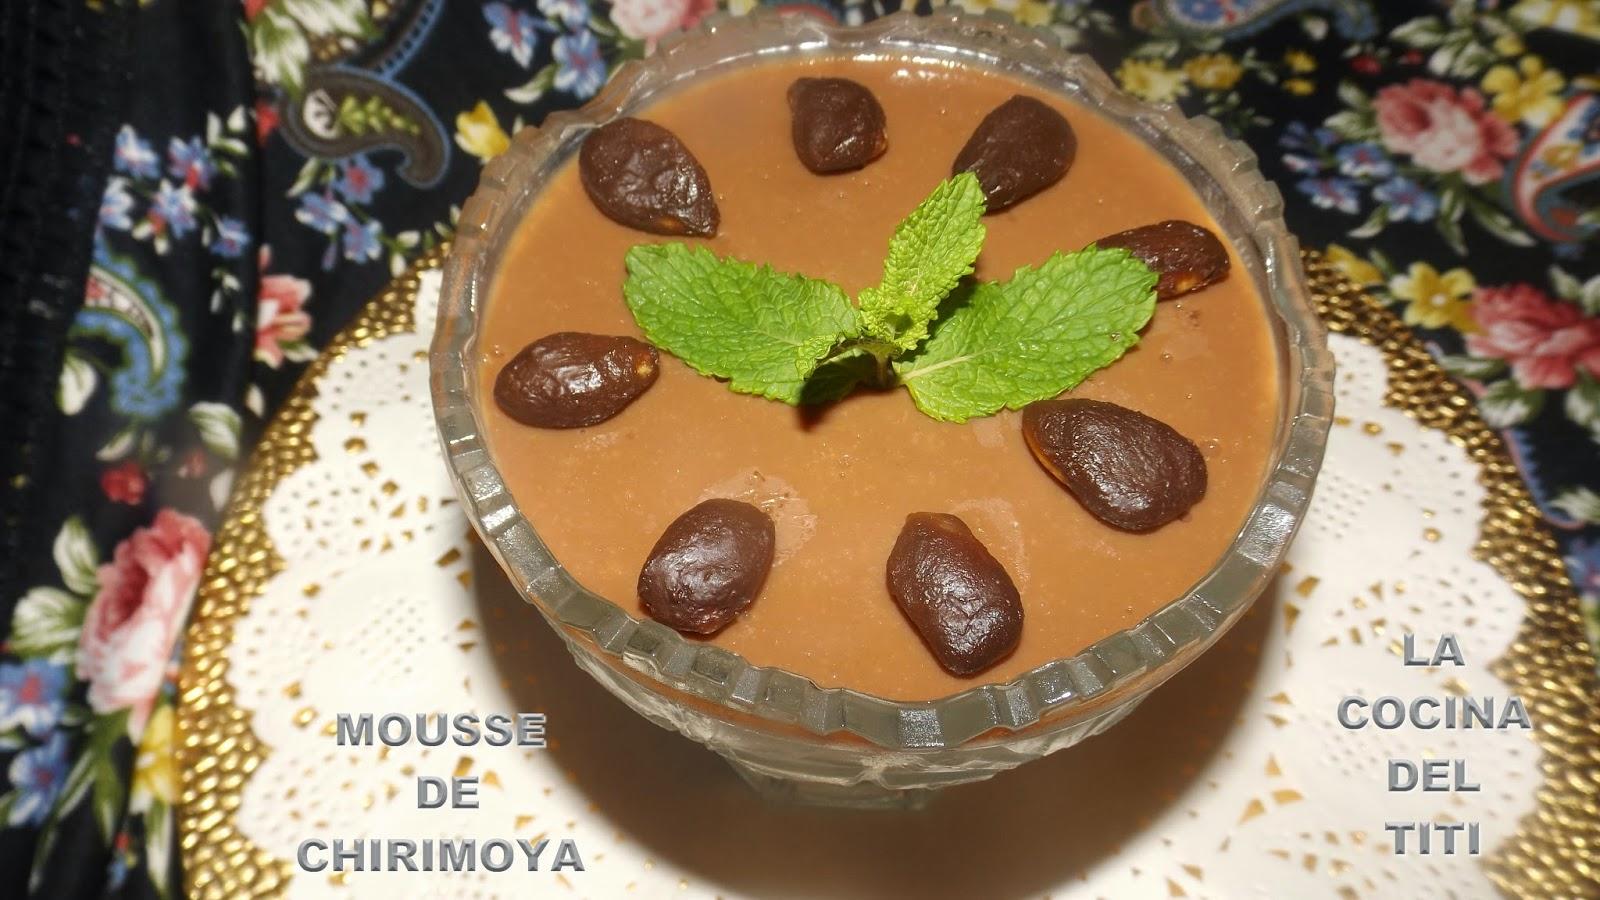 Mousse de Chirimoya